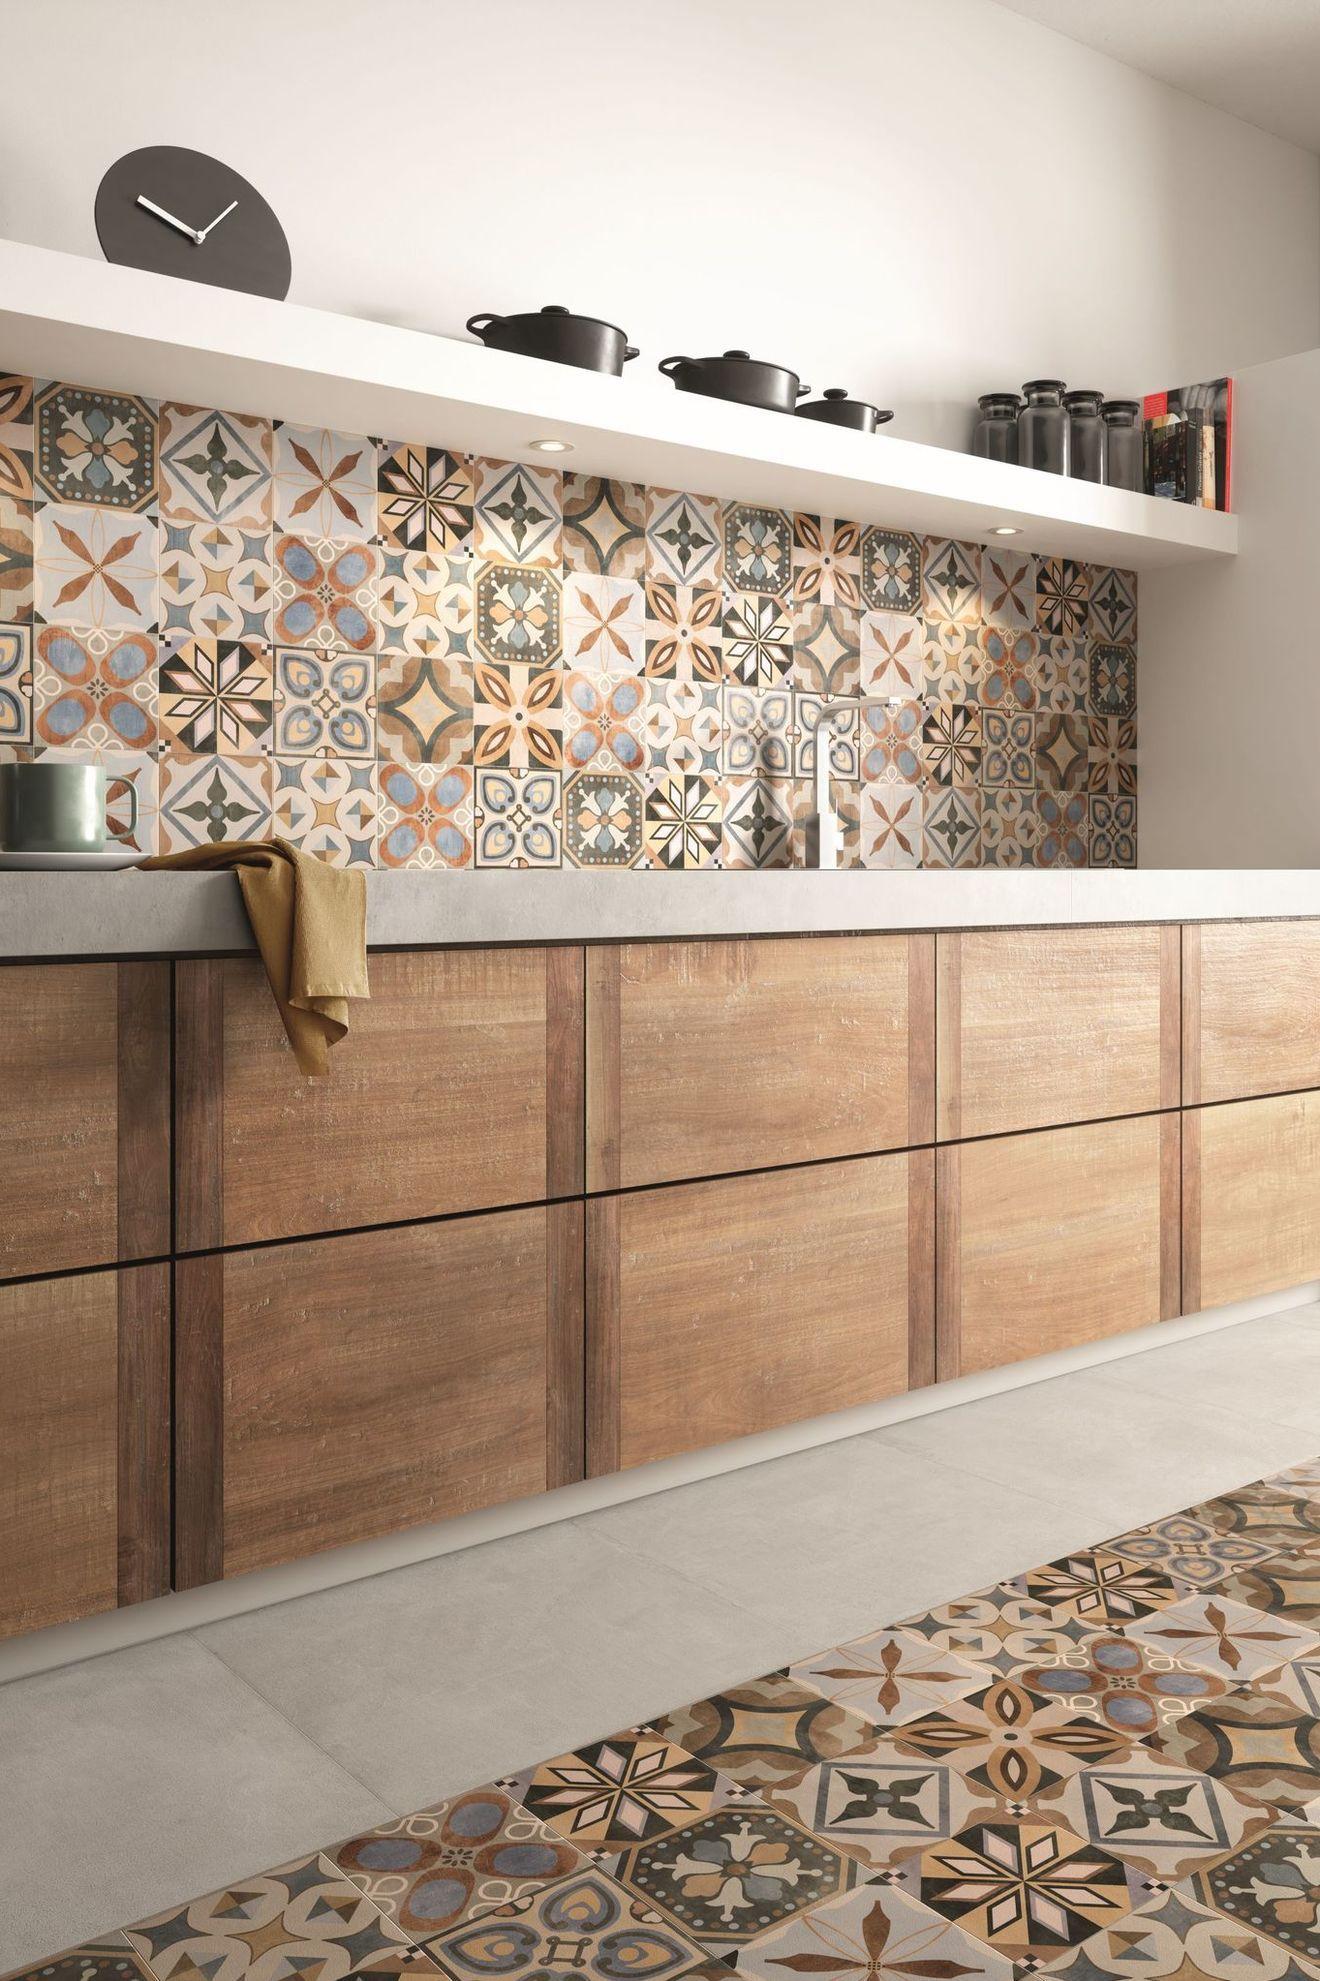 Modèle Carreaux Pour Cuisine carrelage cuisine sol et mur : 20 modèles | décoration de